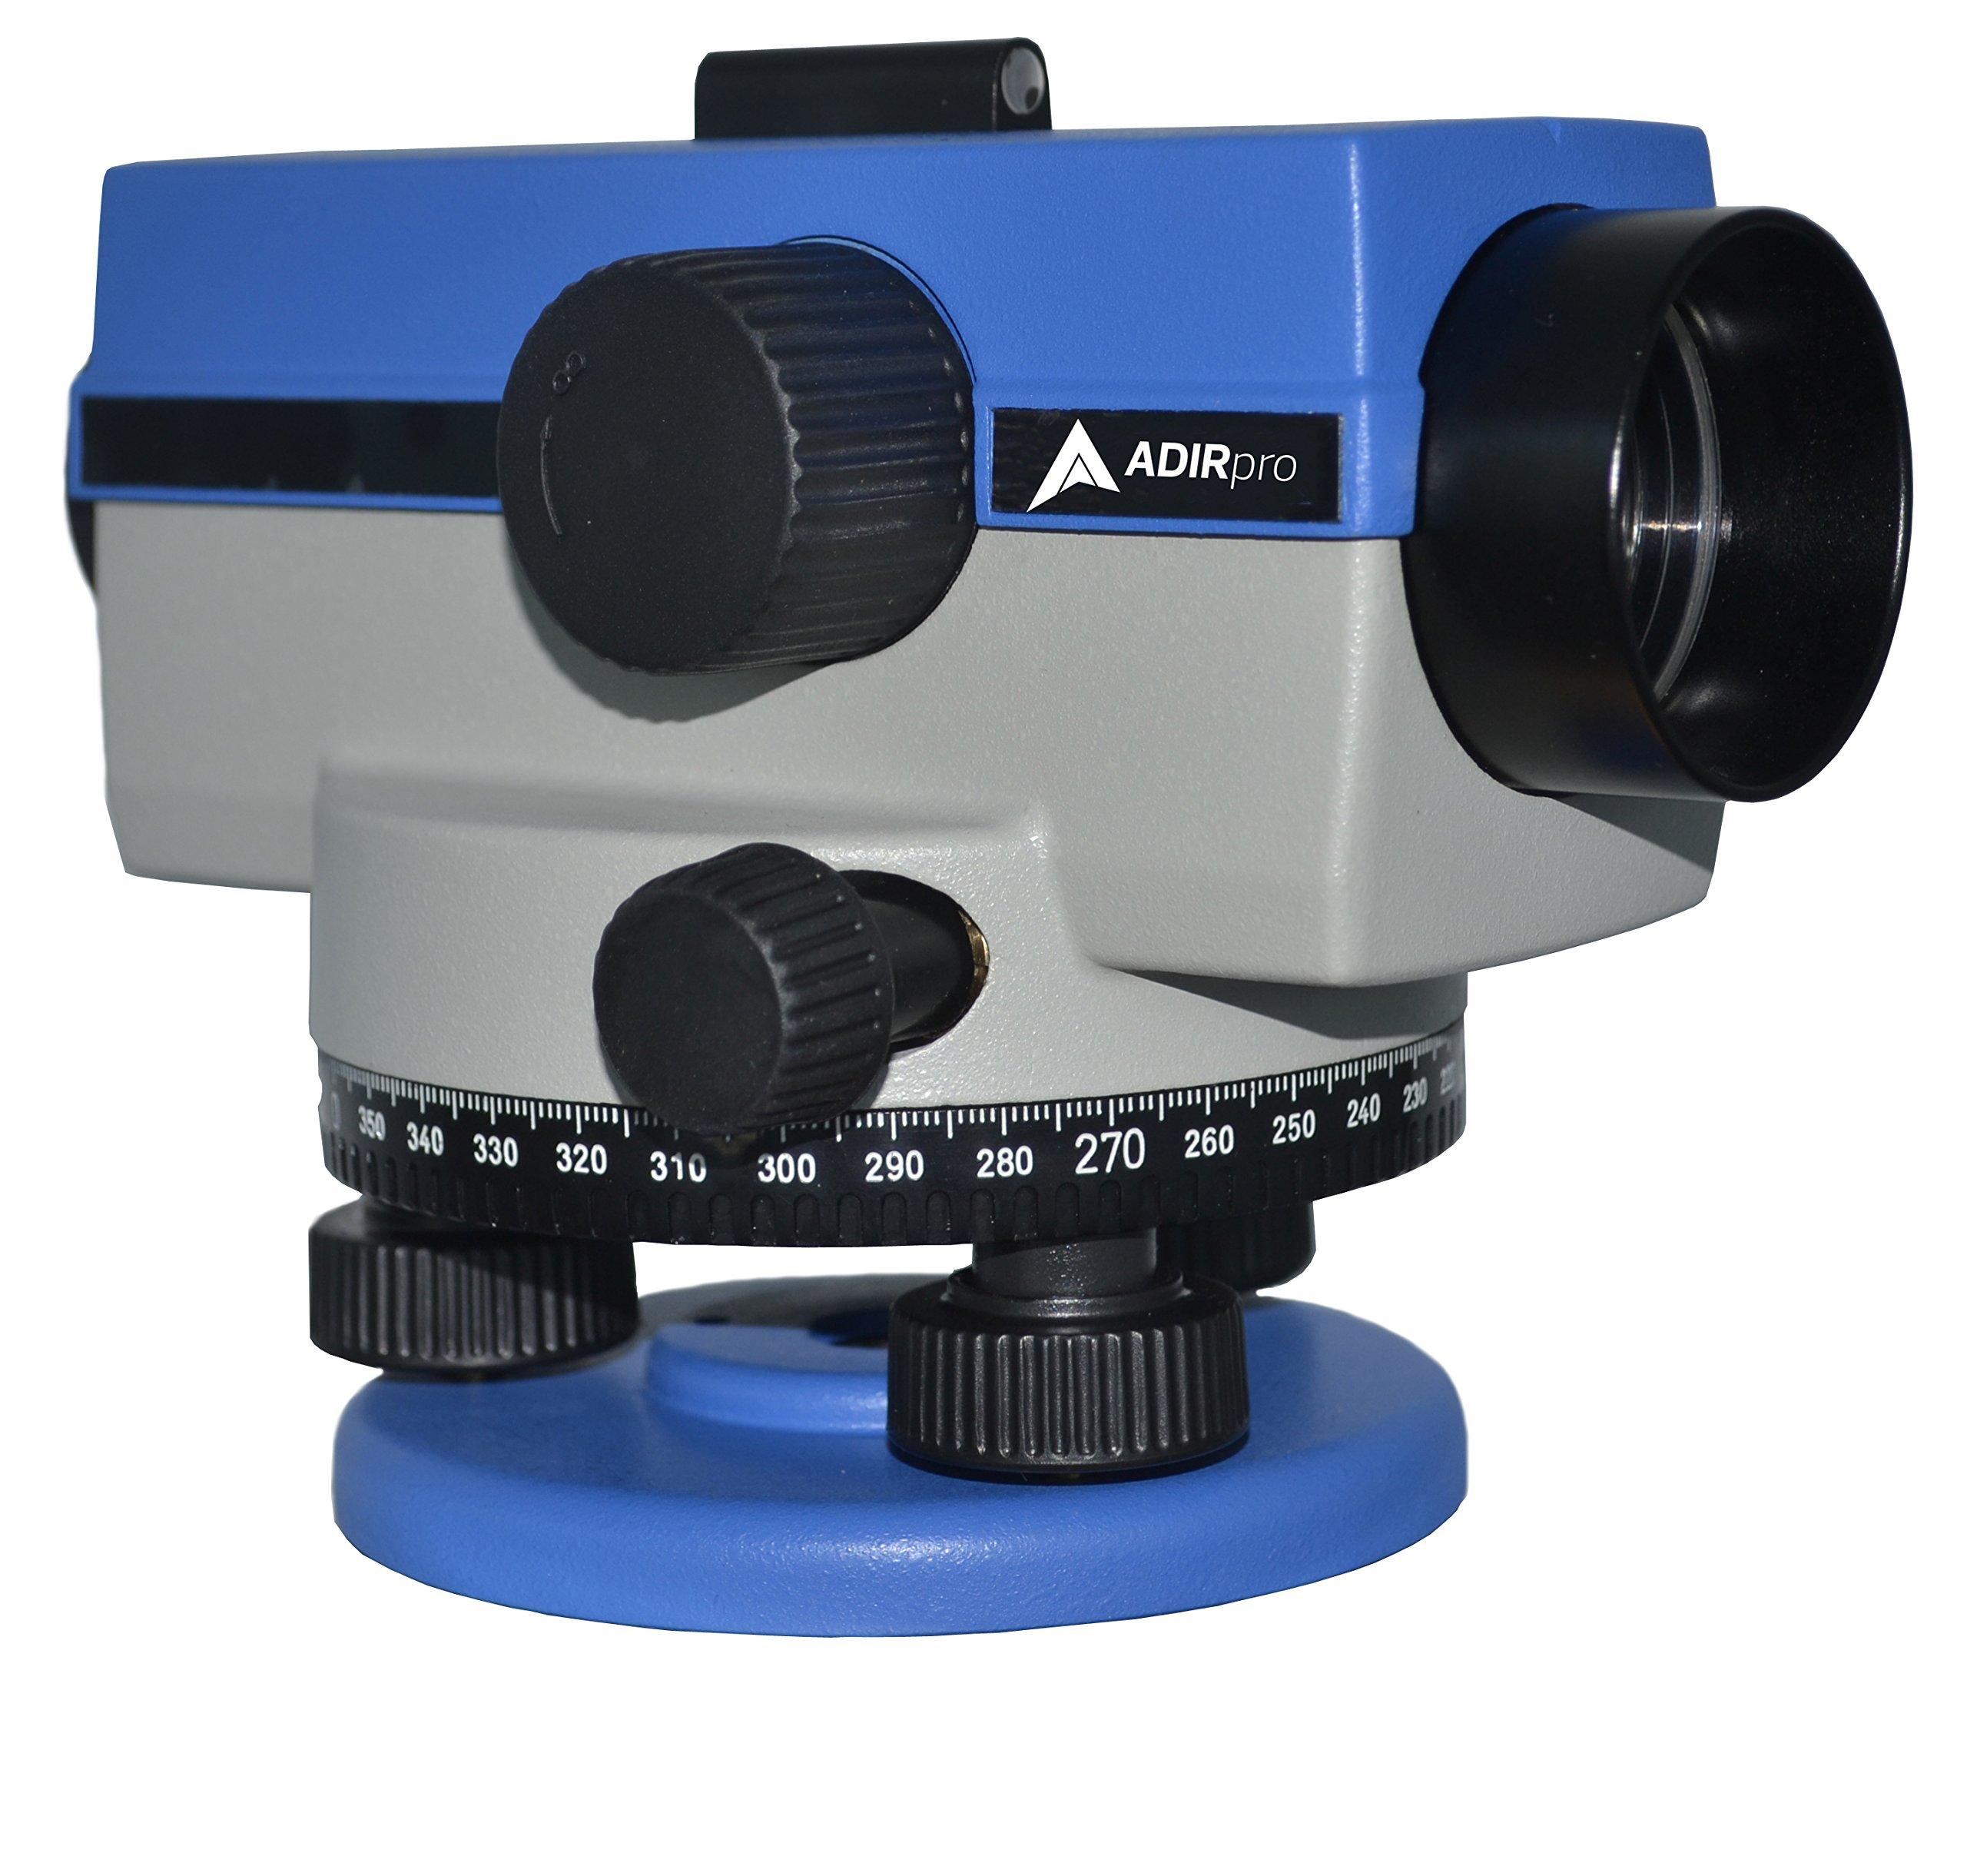 AdirPro Self Leveling Contractors Water resistant Instrument